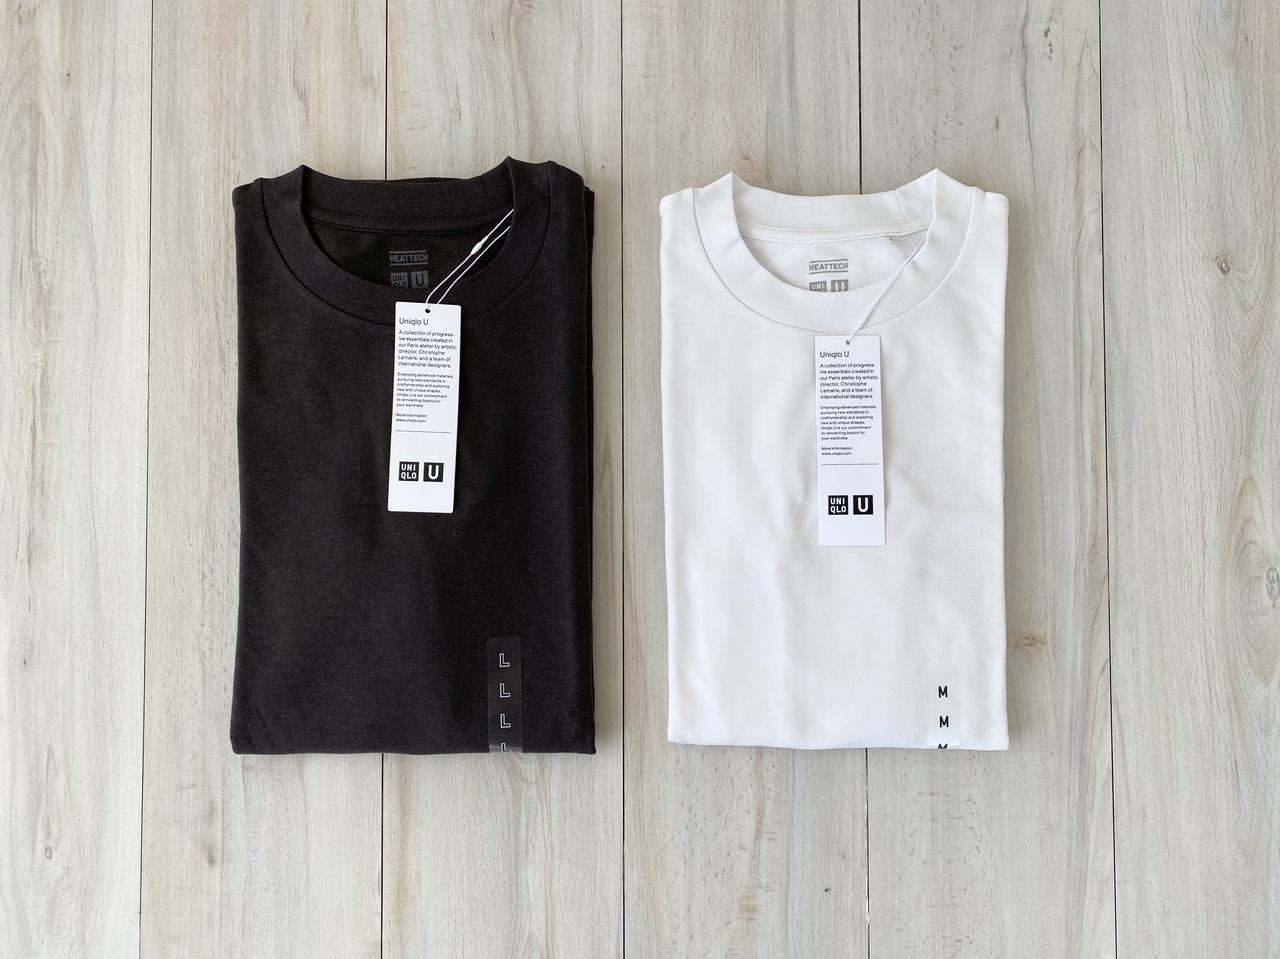 画像2: 【ユニクロ】感謝祭で今話題のヒートテックTシャツを購入!生地やサイズ感は?どうやって着る?【レビュー】